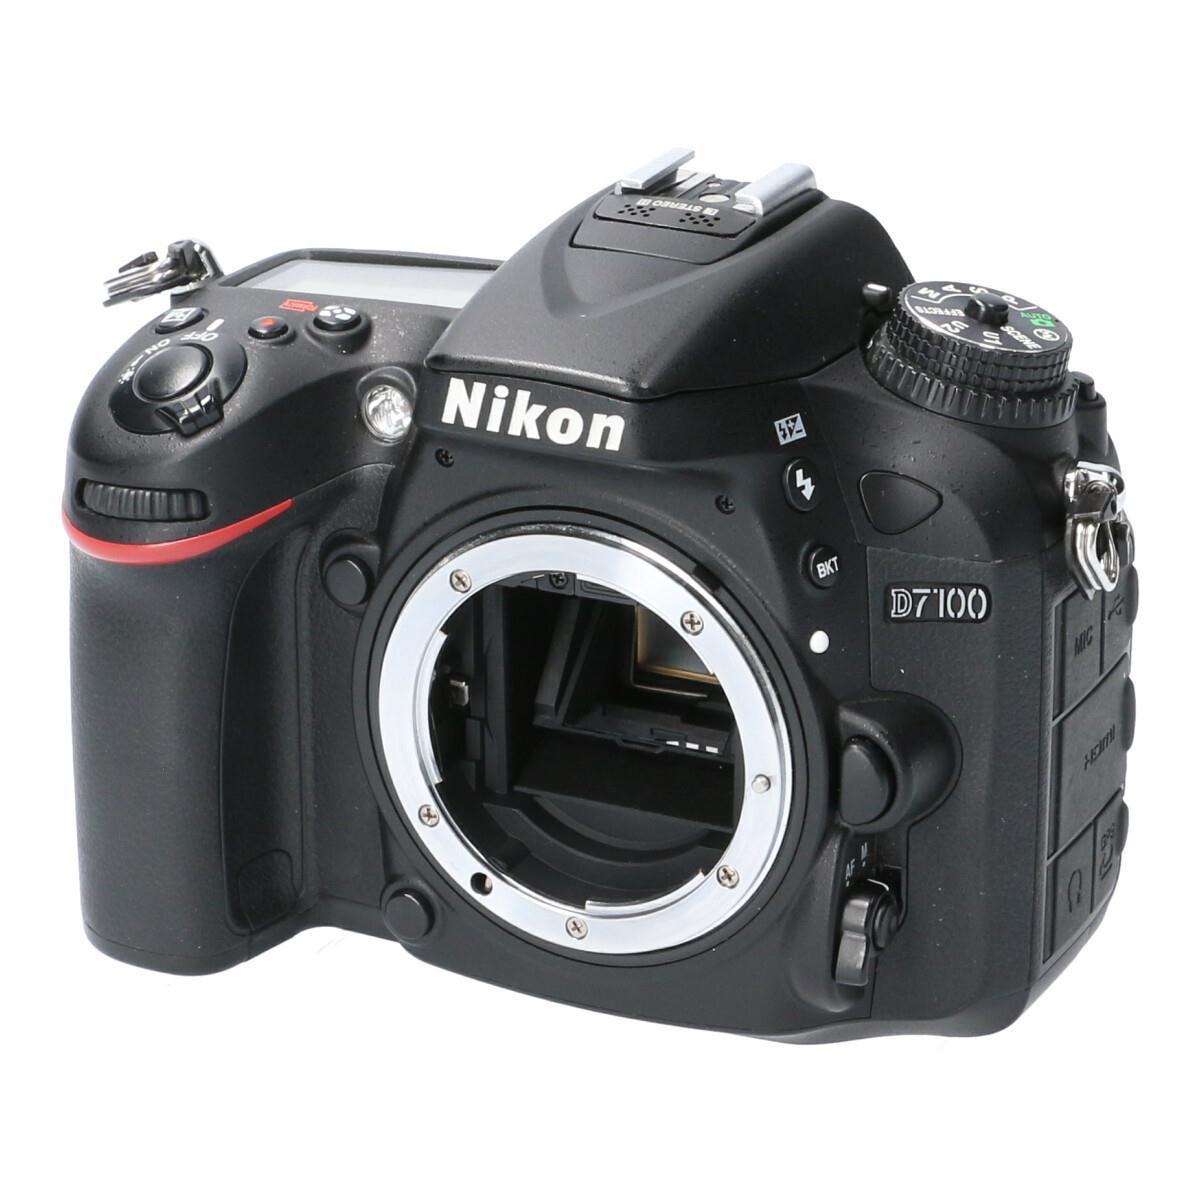 NIKON D7100【中古】